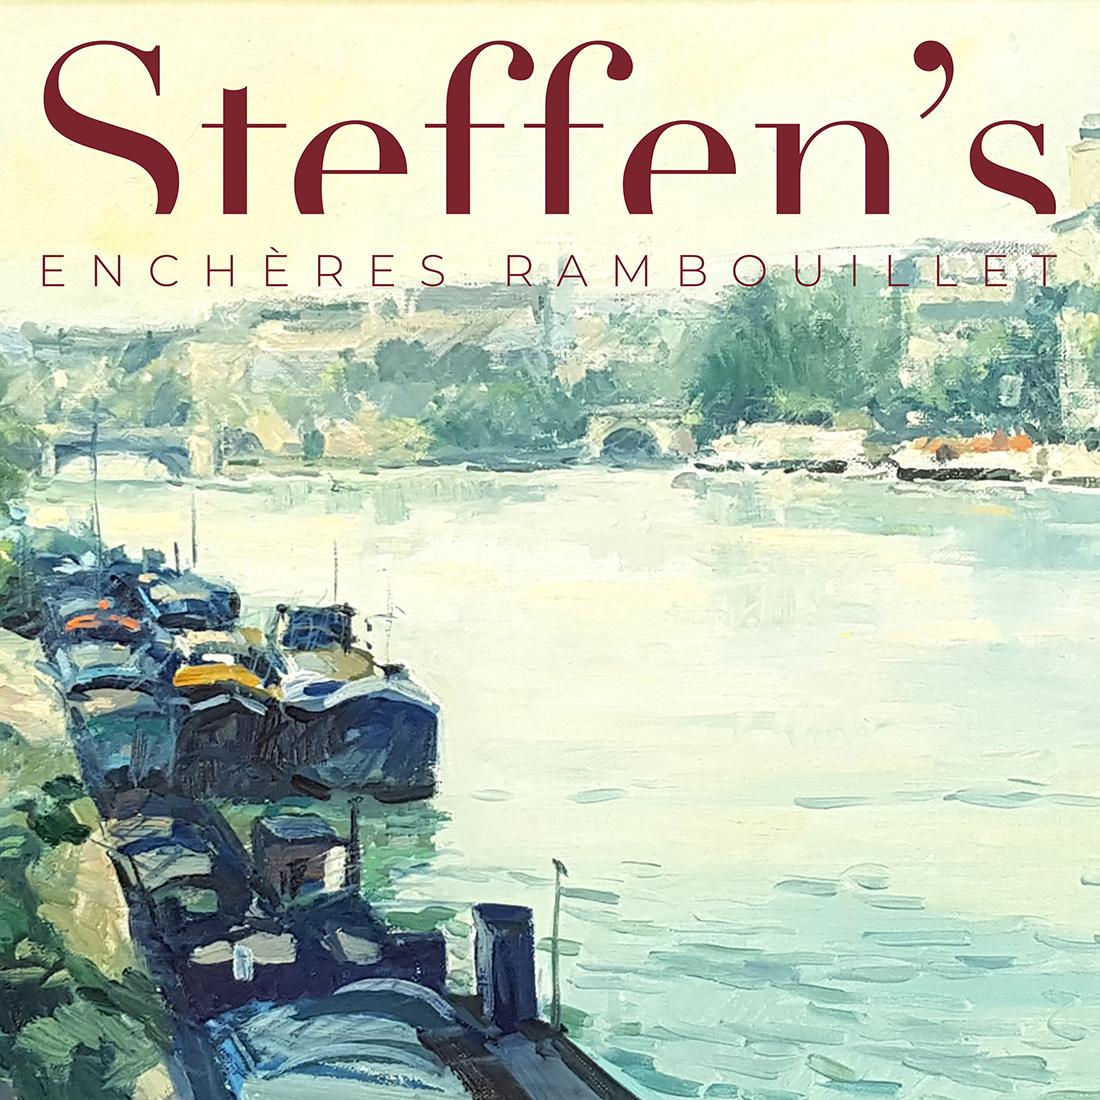 Vente Tableaux Anciens et Modernes, Estampes, Maquettes d'Affiches de Cinéma chez STEFFEN'S Enchères Rambouillet : 168 lots